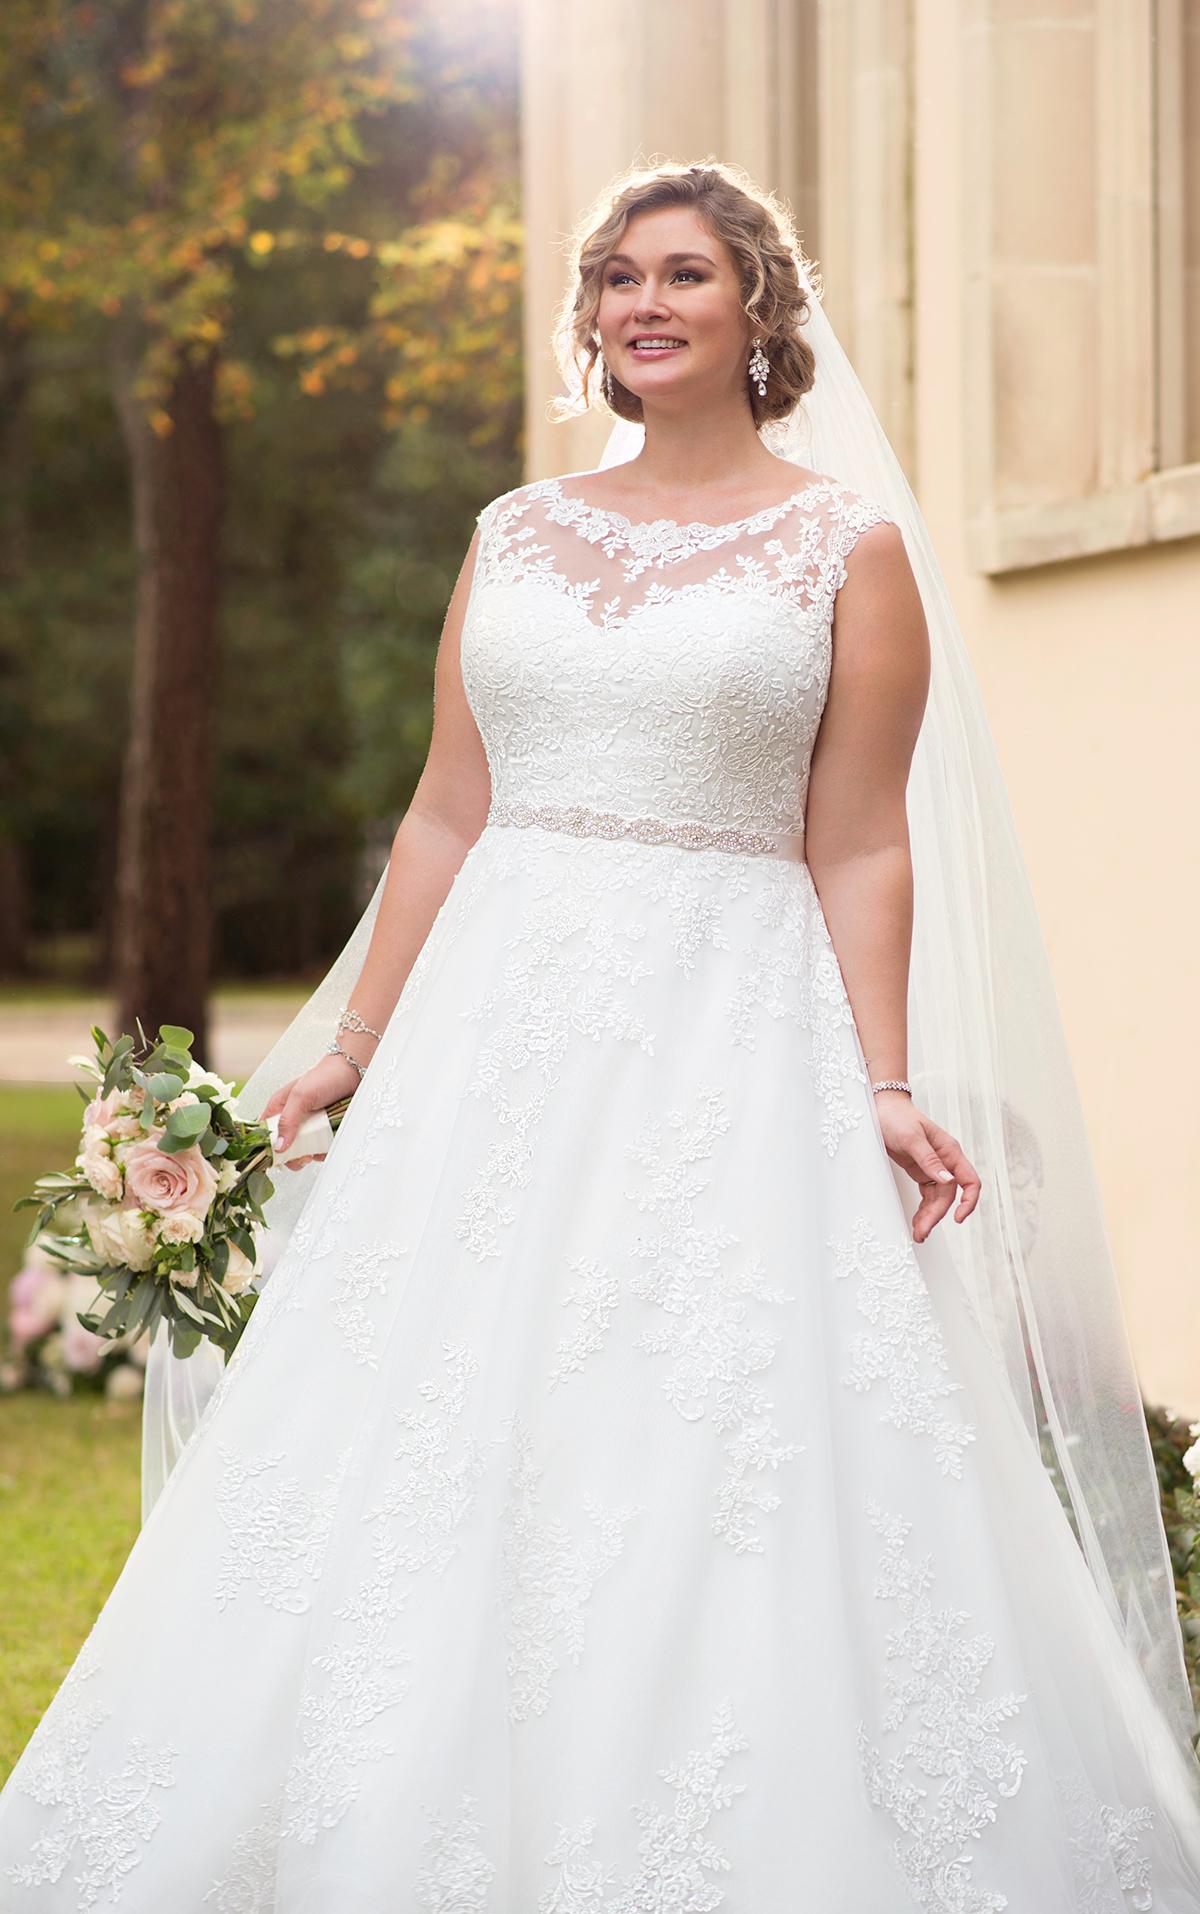 Brautkleider Grosse Grossen Riesige Auswahl Im Hochzeitshaus